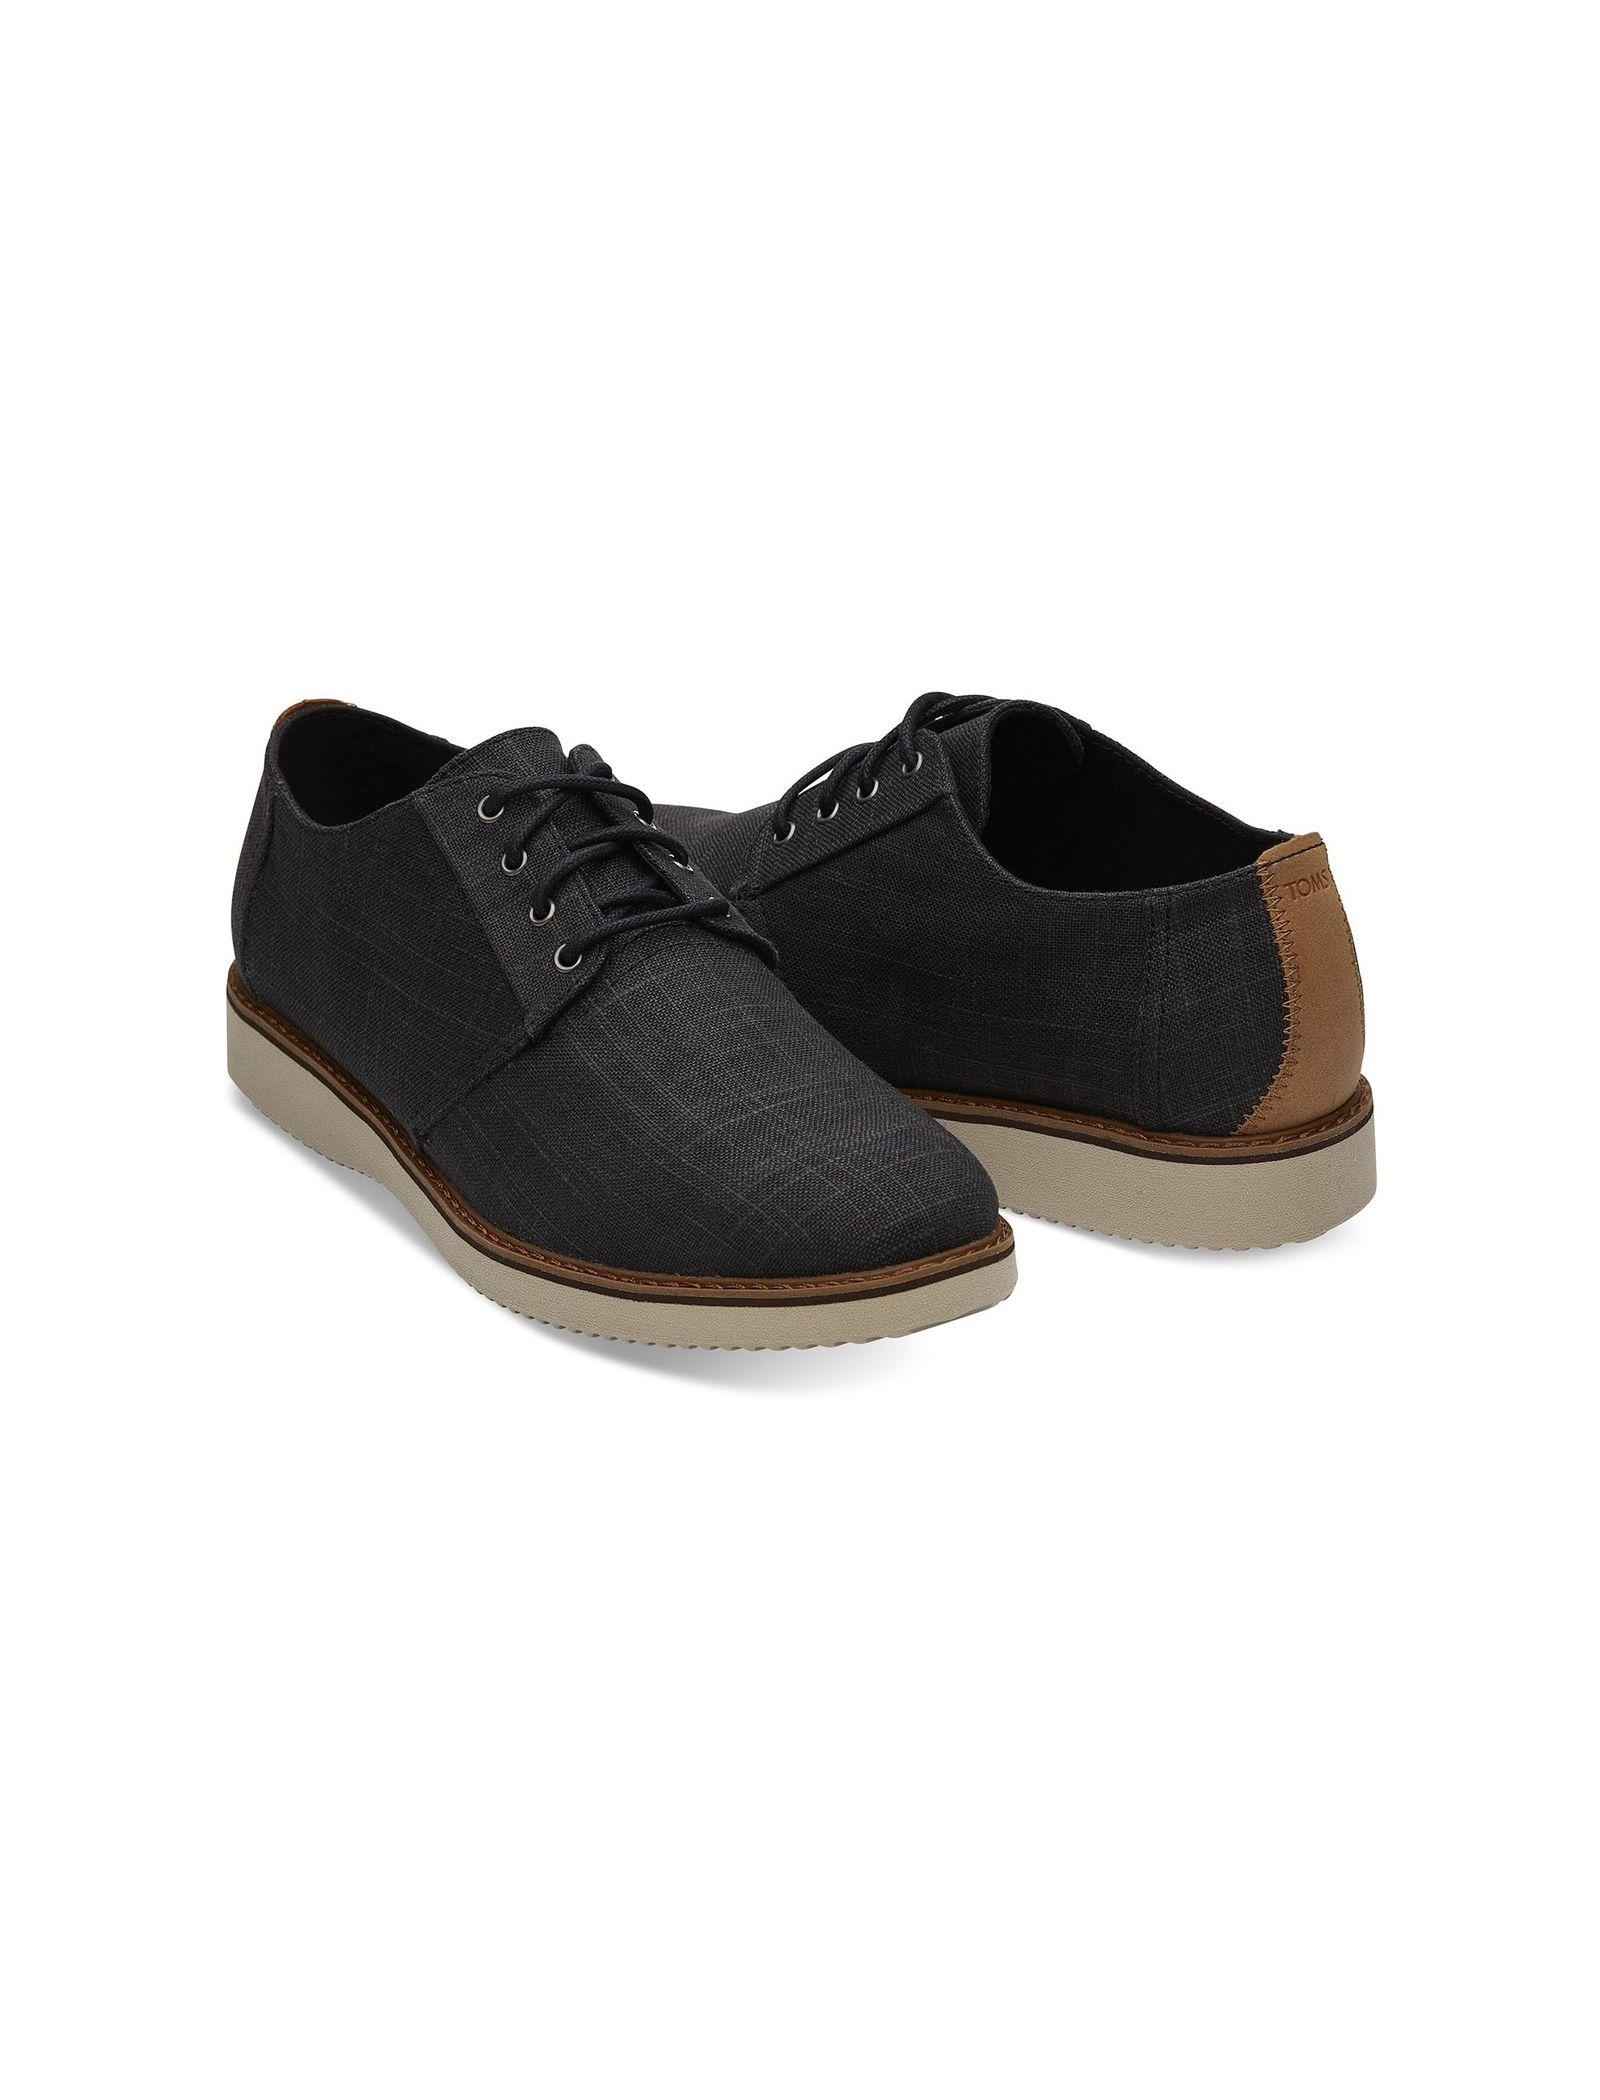 کفش اداری پارچه ای مردانه Preston Dress - تامز - مشکي - 2